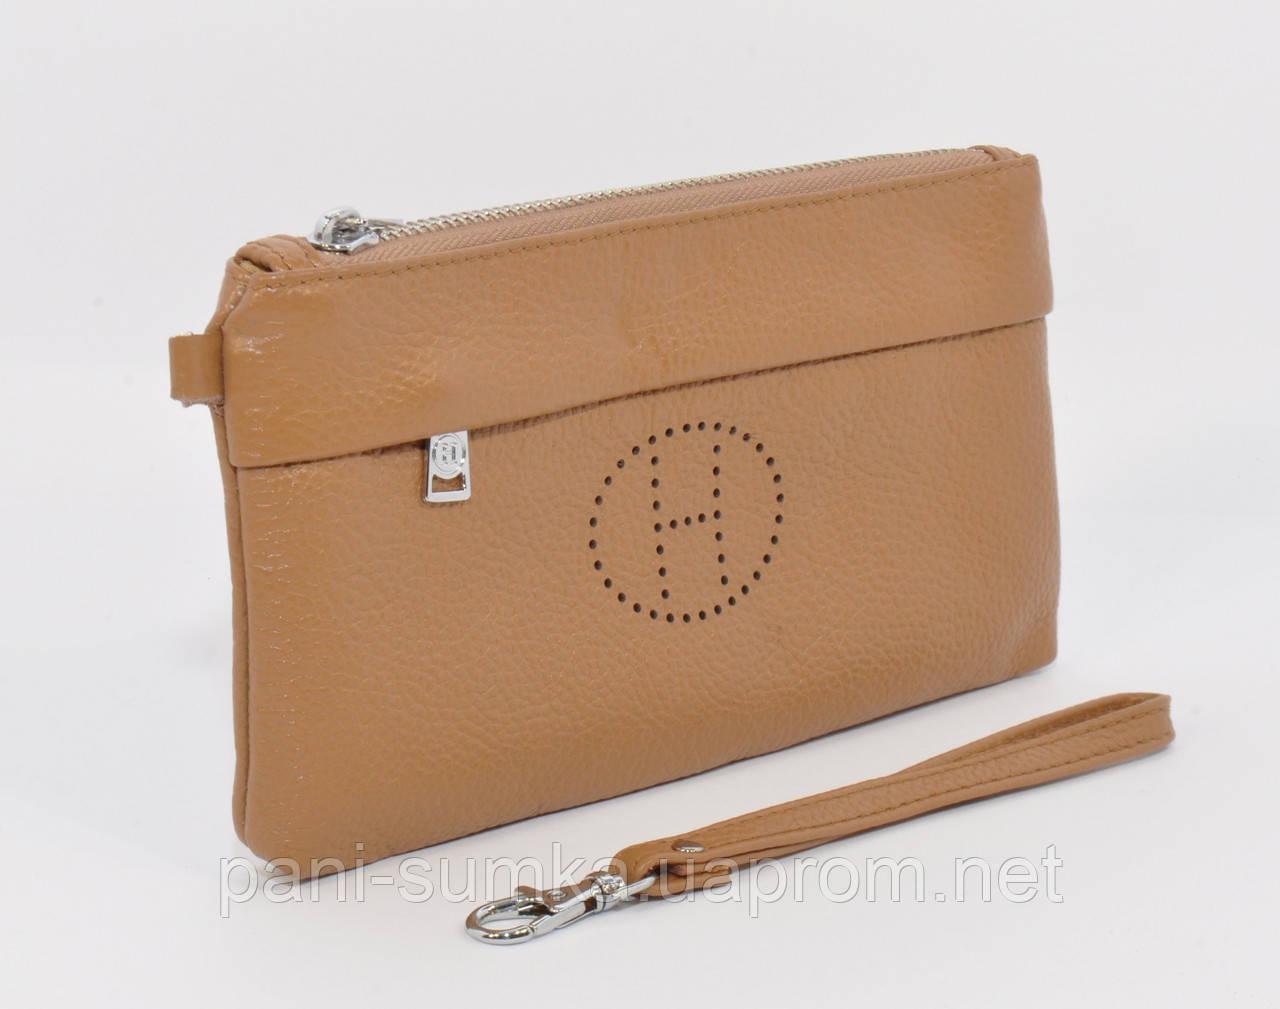 465ca3f1676a Кошелек-клатч кожаный Hermes 1905 светло-коричневый - Интернет магазин